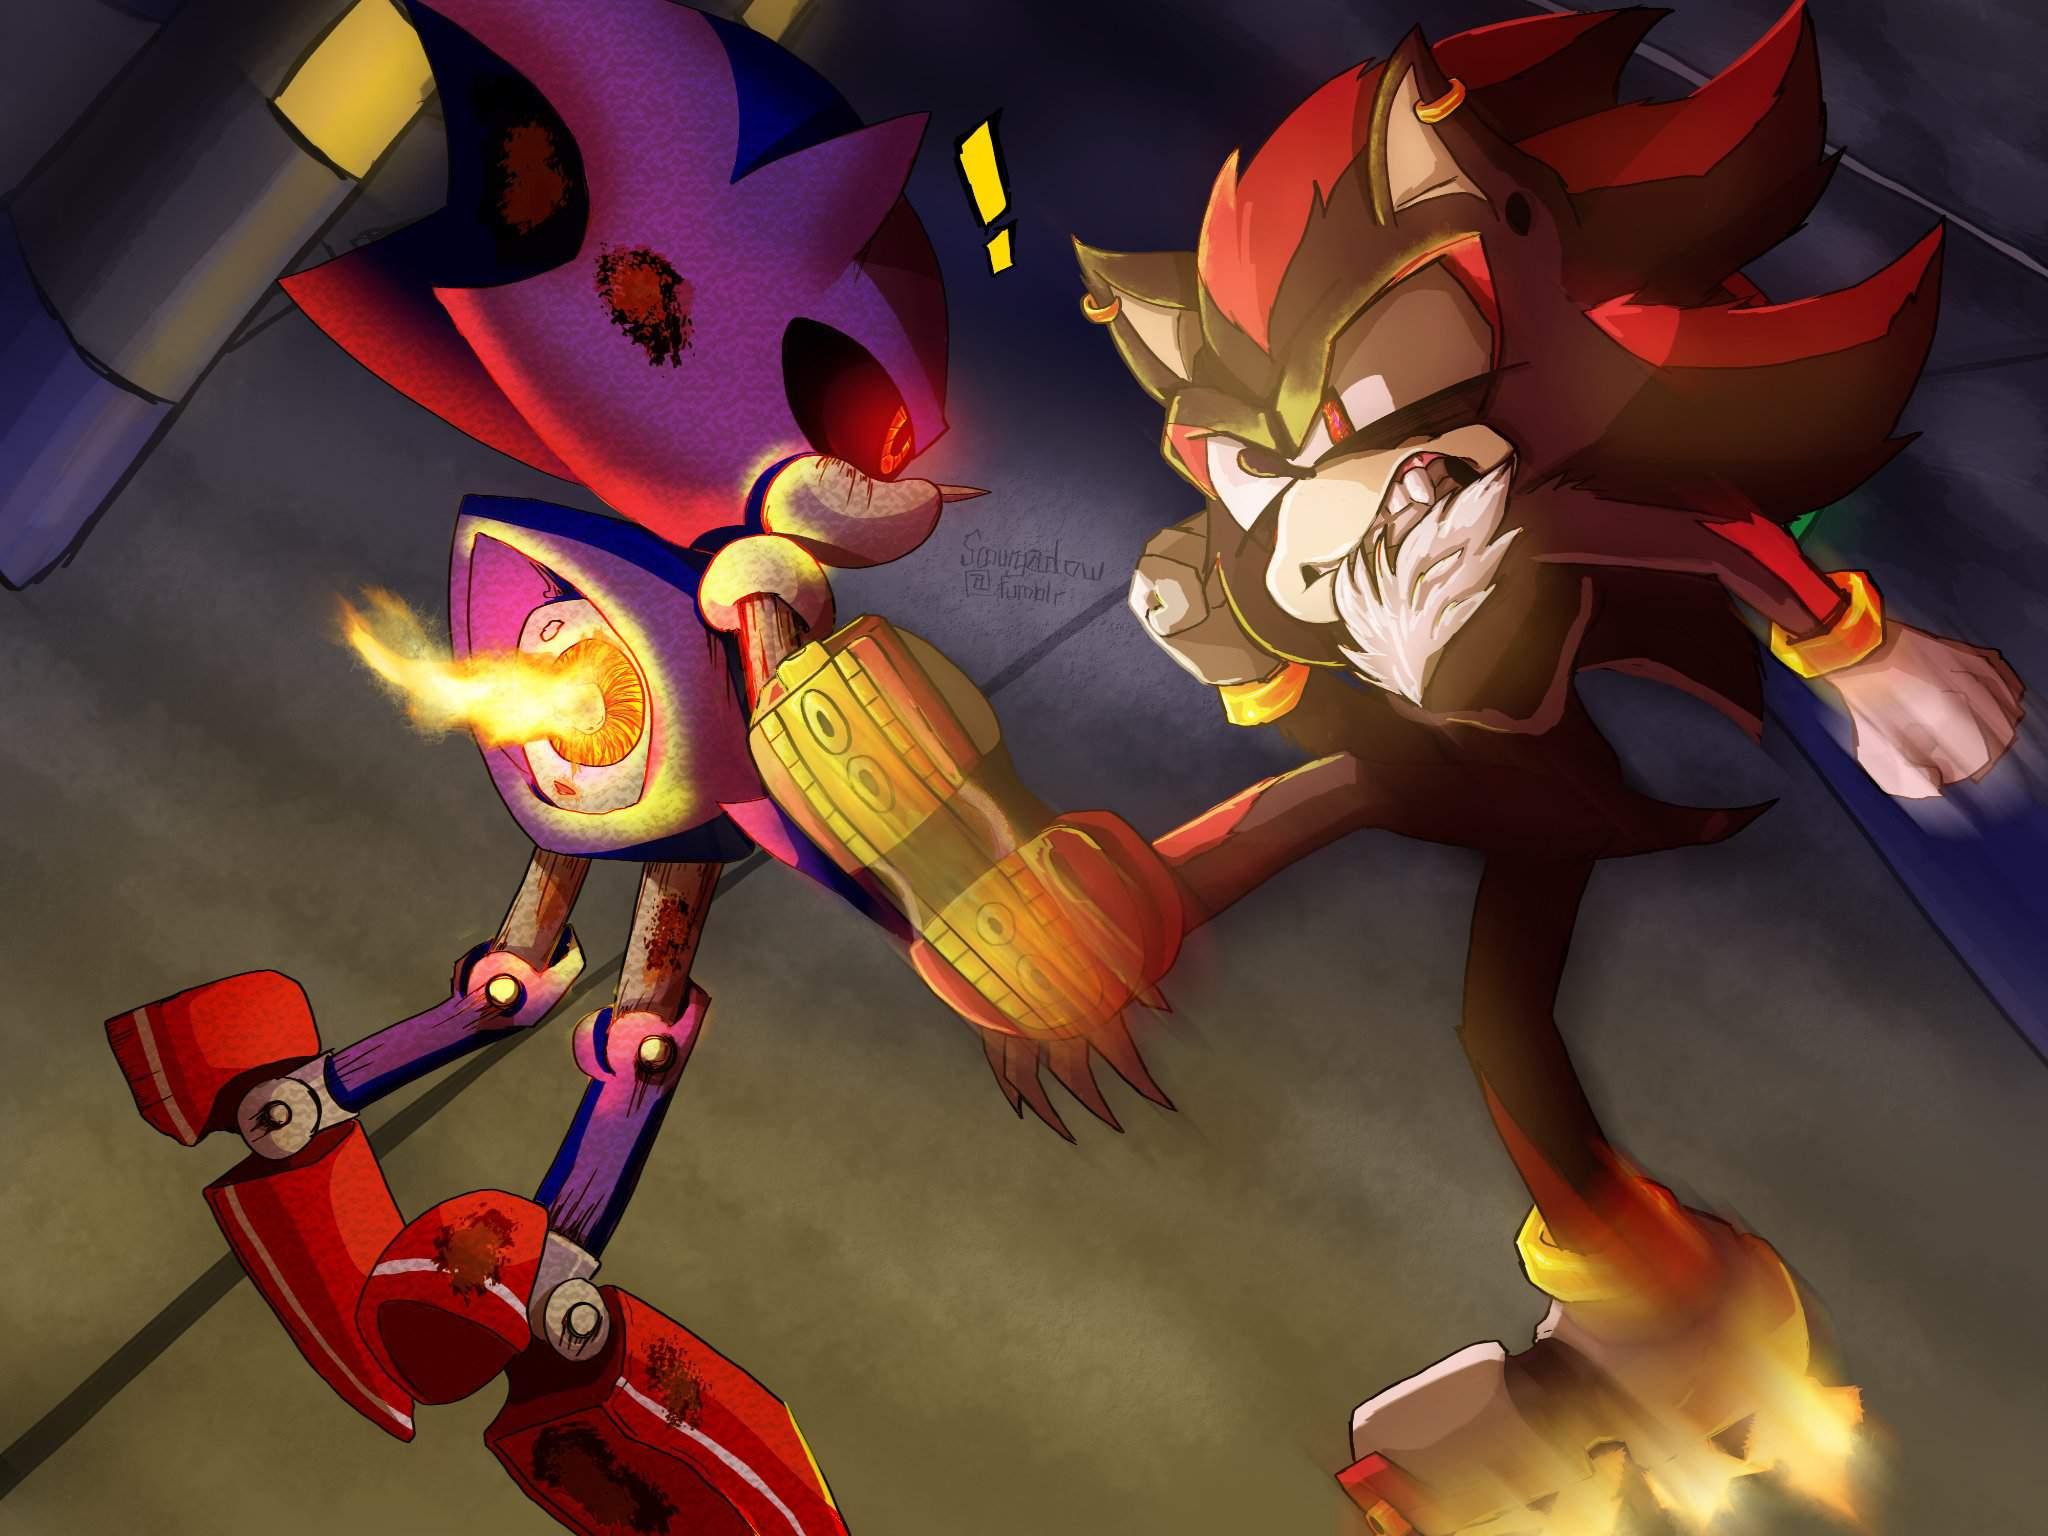 Shadow Vs Metal Sonic Sonic The Hedgehog Art Amino